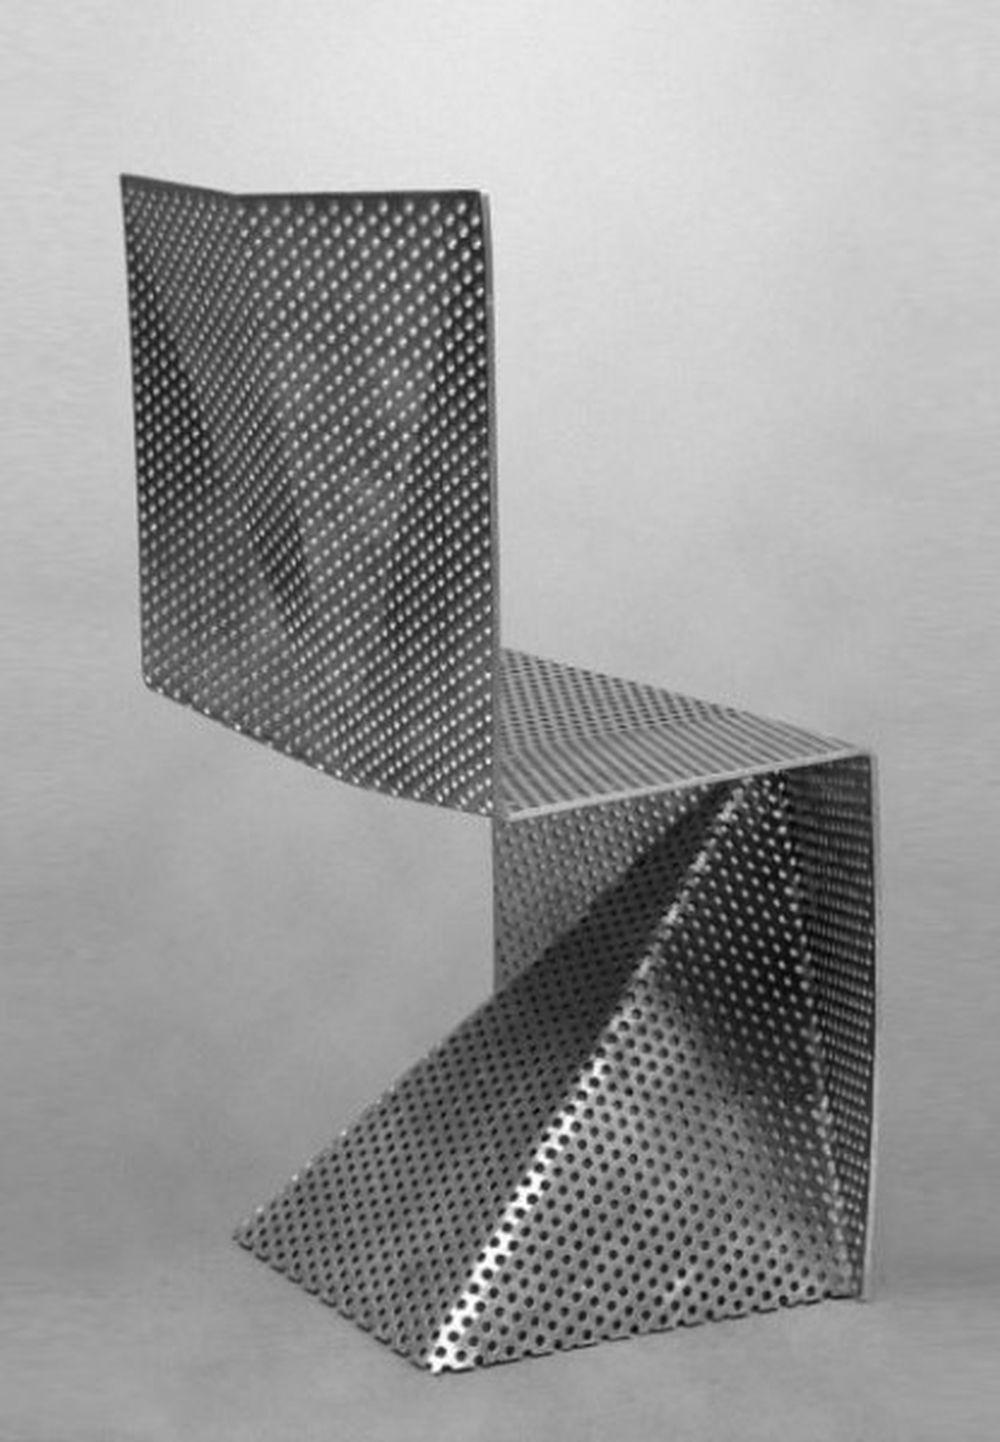 Perforated Metal Seating Tobias Metals and Metal furniture